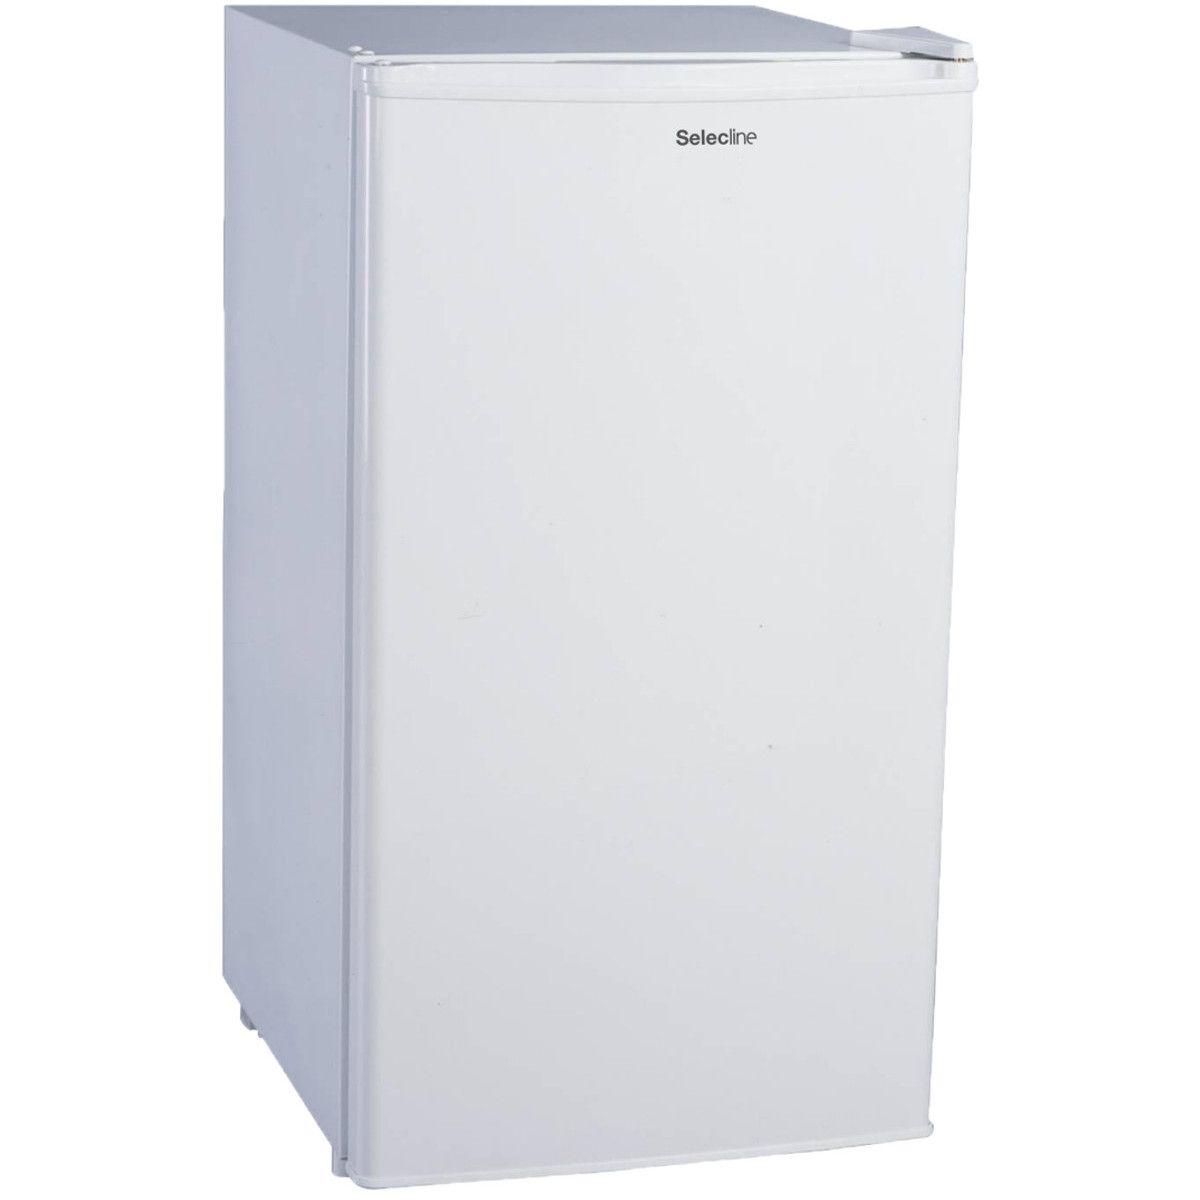 Réfrigérateur table top HS-121LN / 180486, 93 L